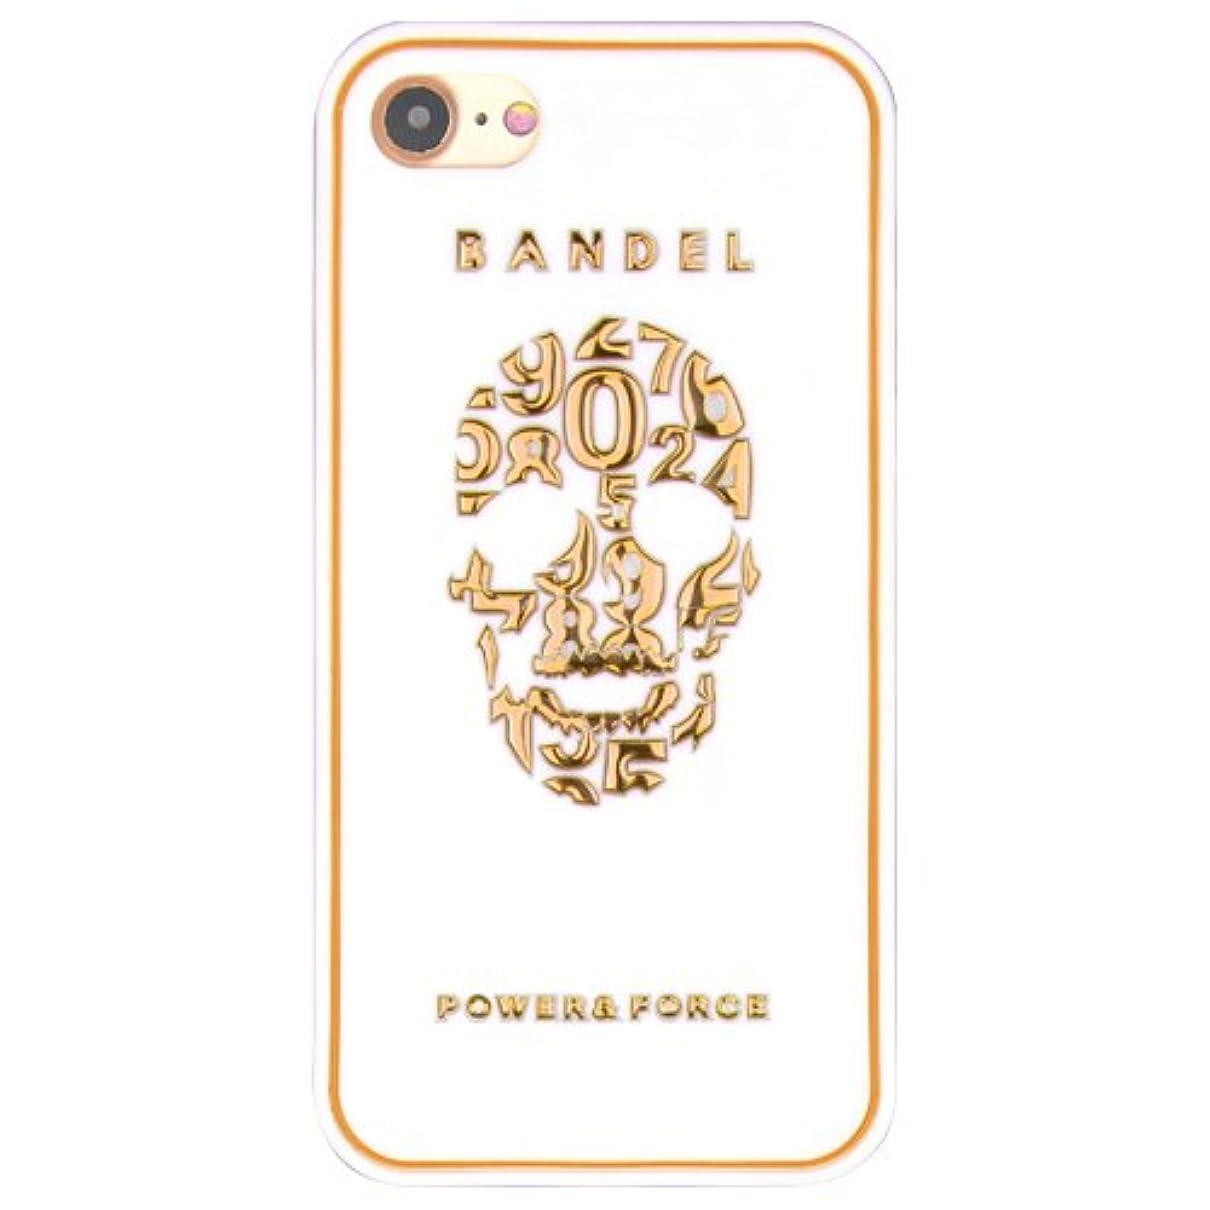 隣接習字家畜バンデル(BANDEL) スカル iPhone 8 Plus専用 シリコンケース [ホワイト×ゴールド]